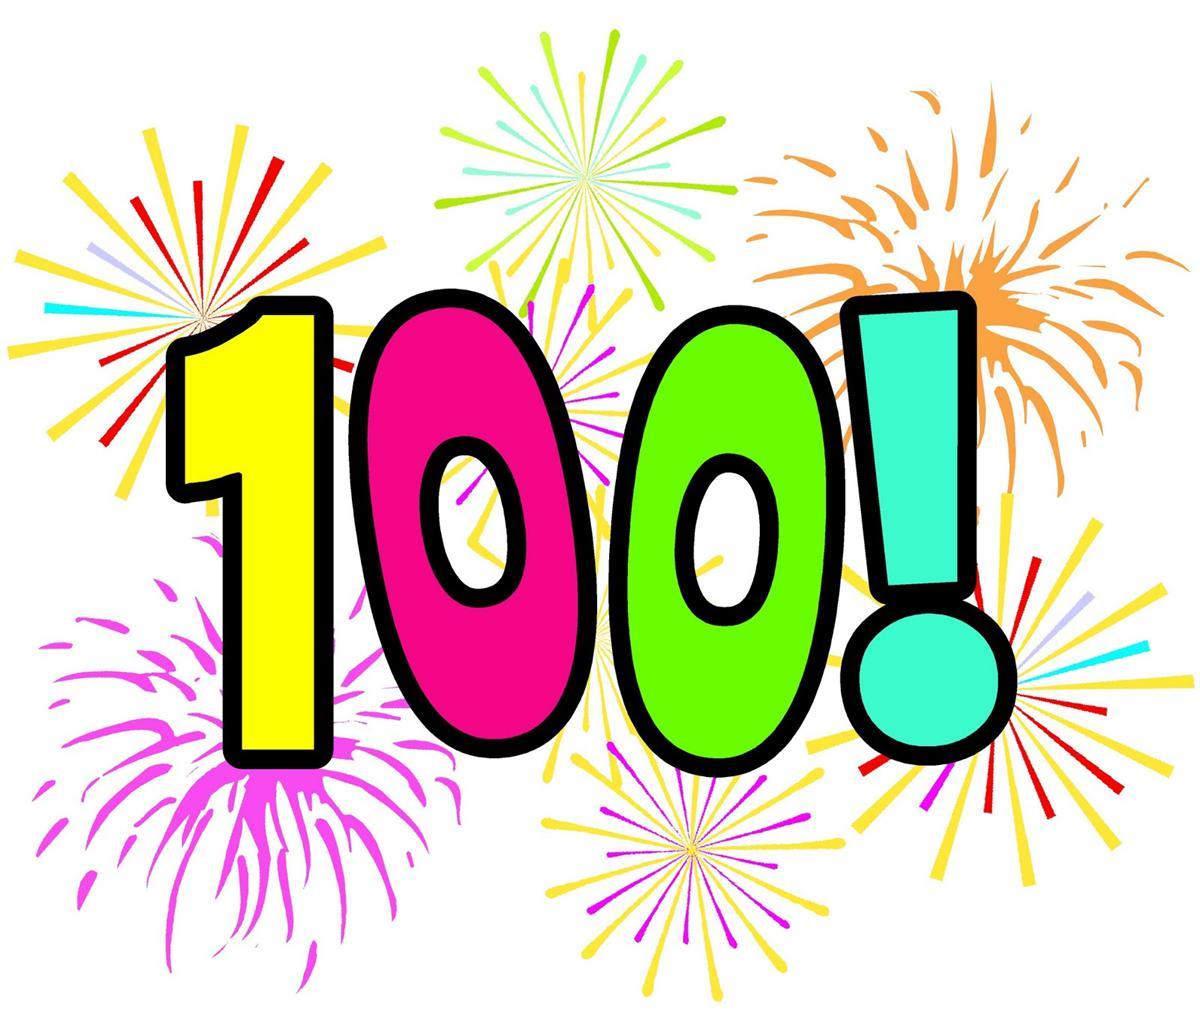 one hundred